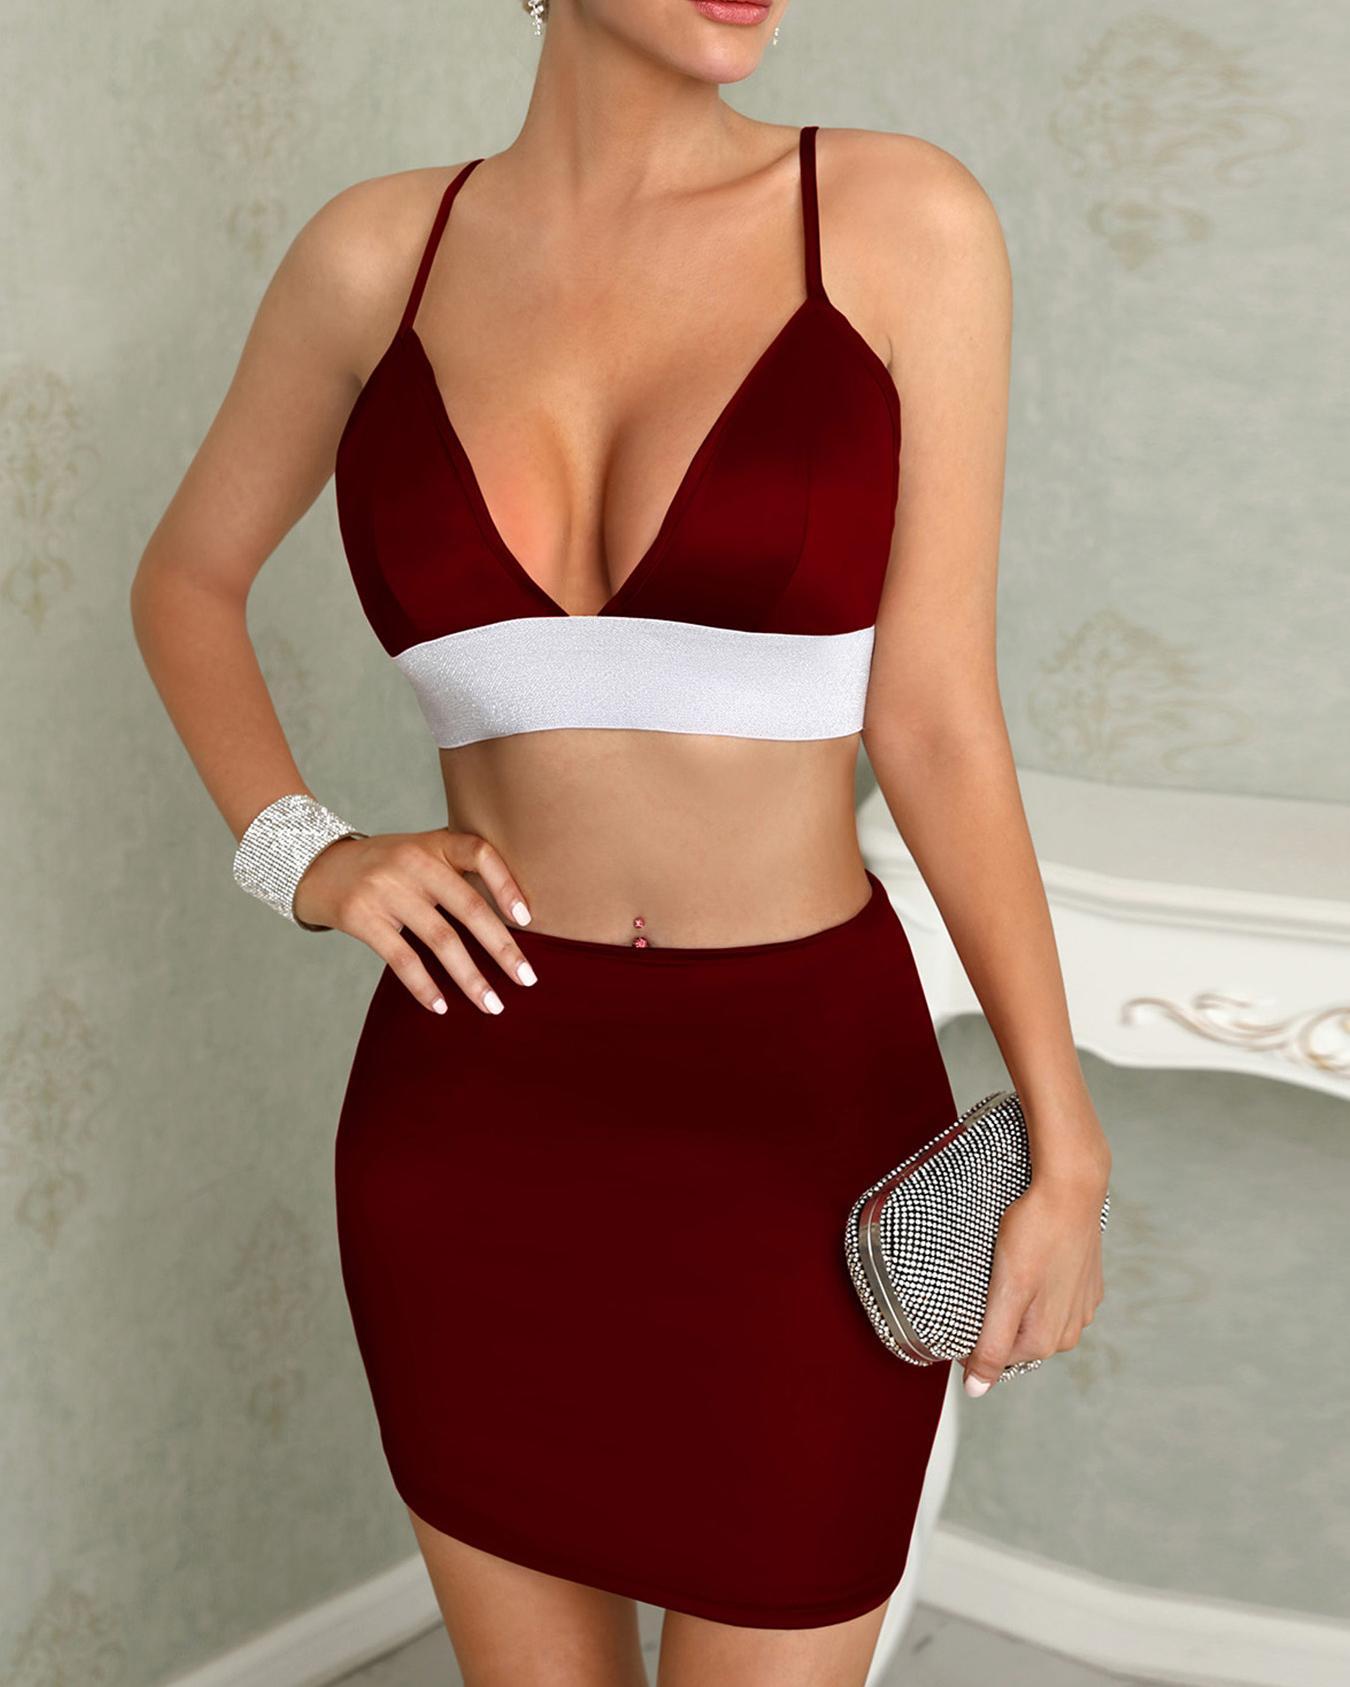 chicme / Brillante correa de espagueti cintura alta cami recortado vestidos de dos piezas